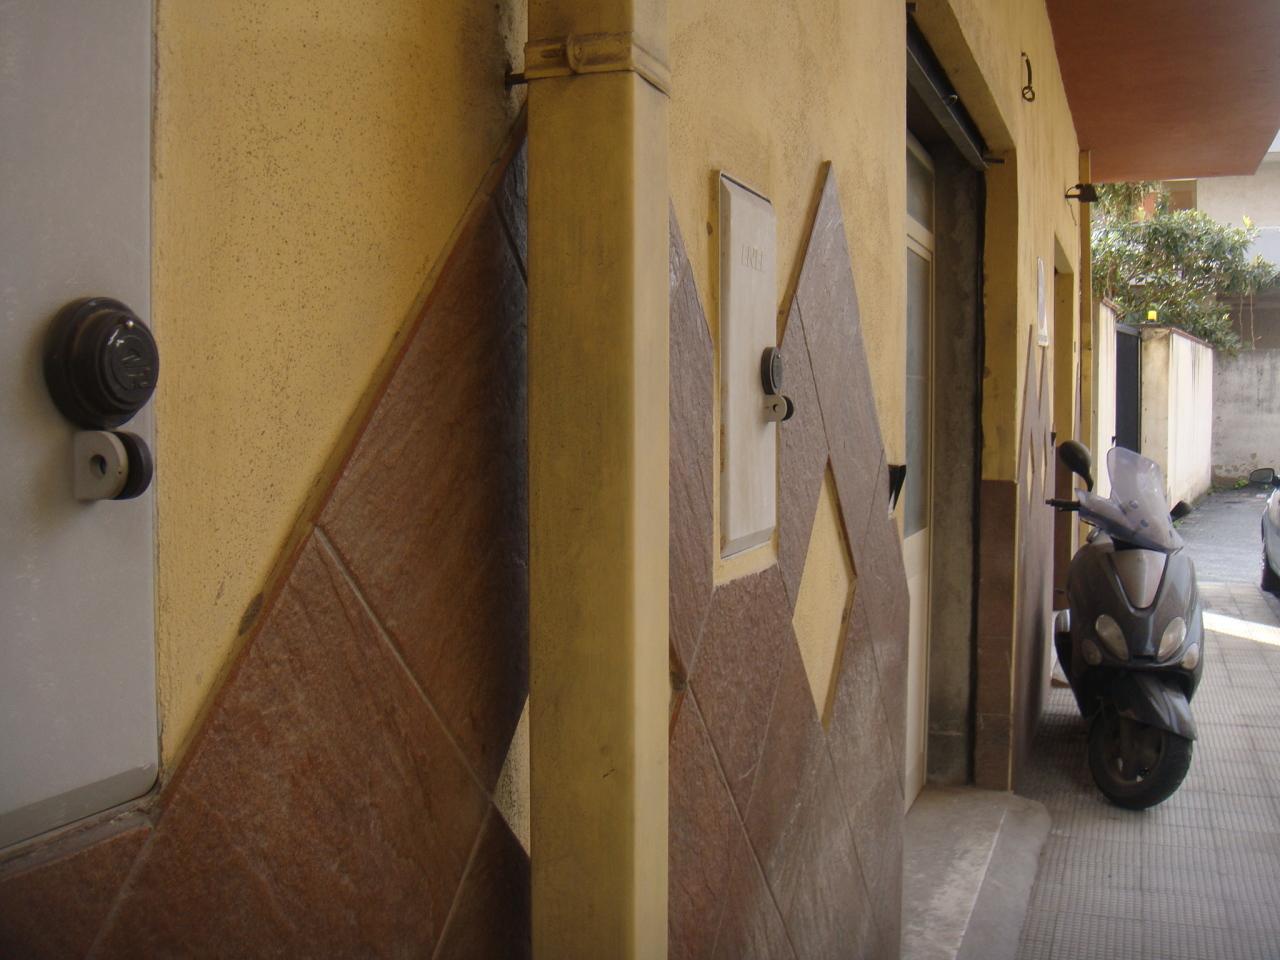 Magazzino in affitto a Reggio Calabria, 1 locali, prezzo € 300   CambioCasa.it